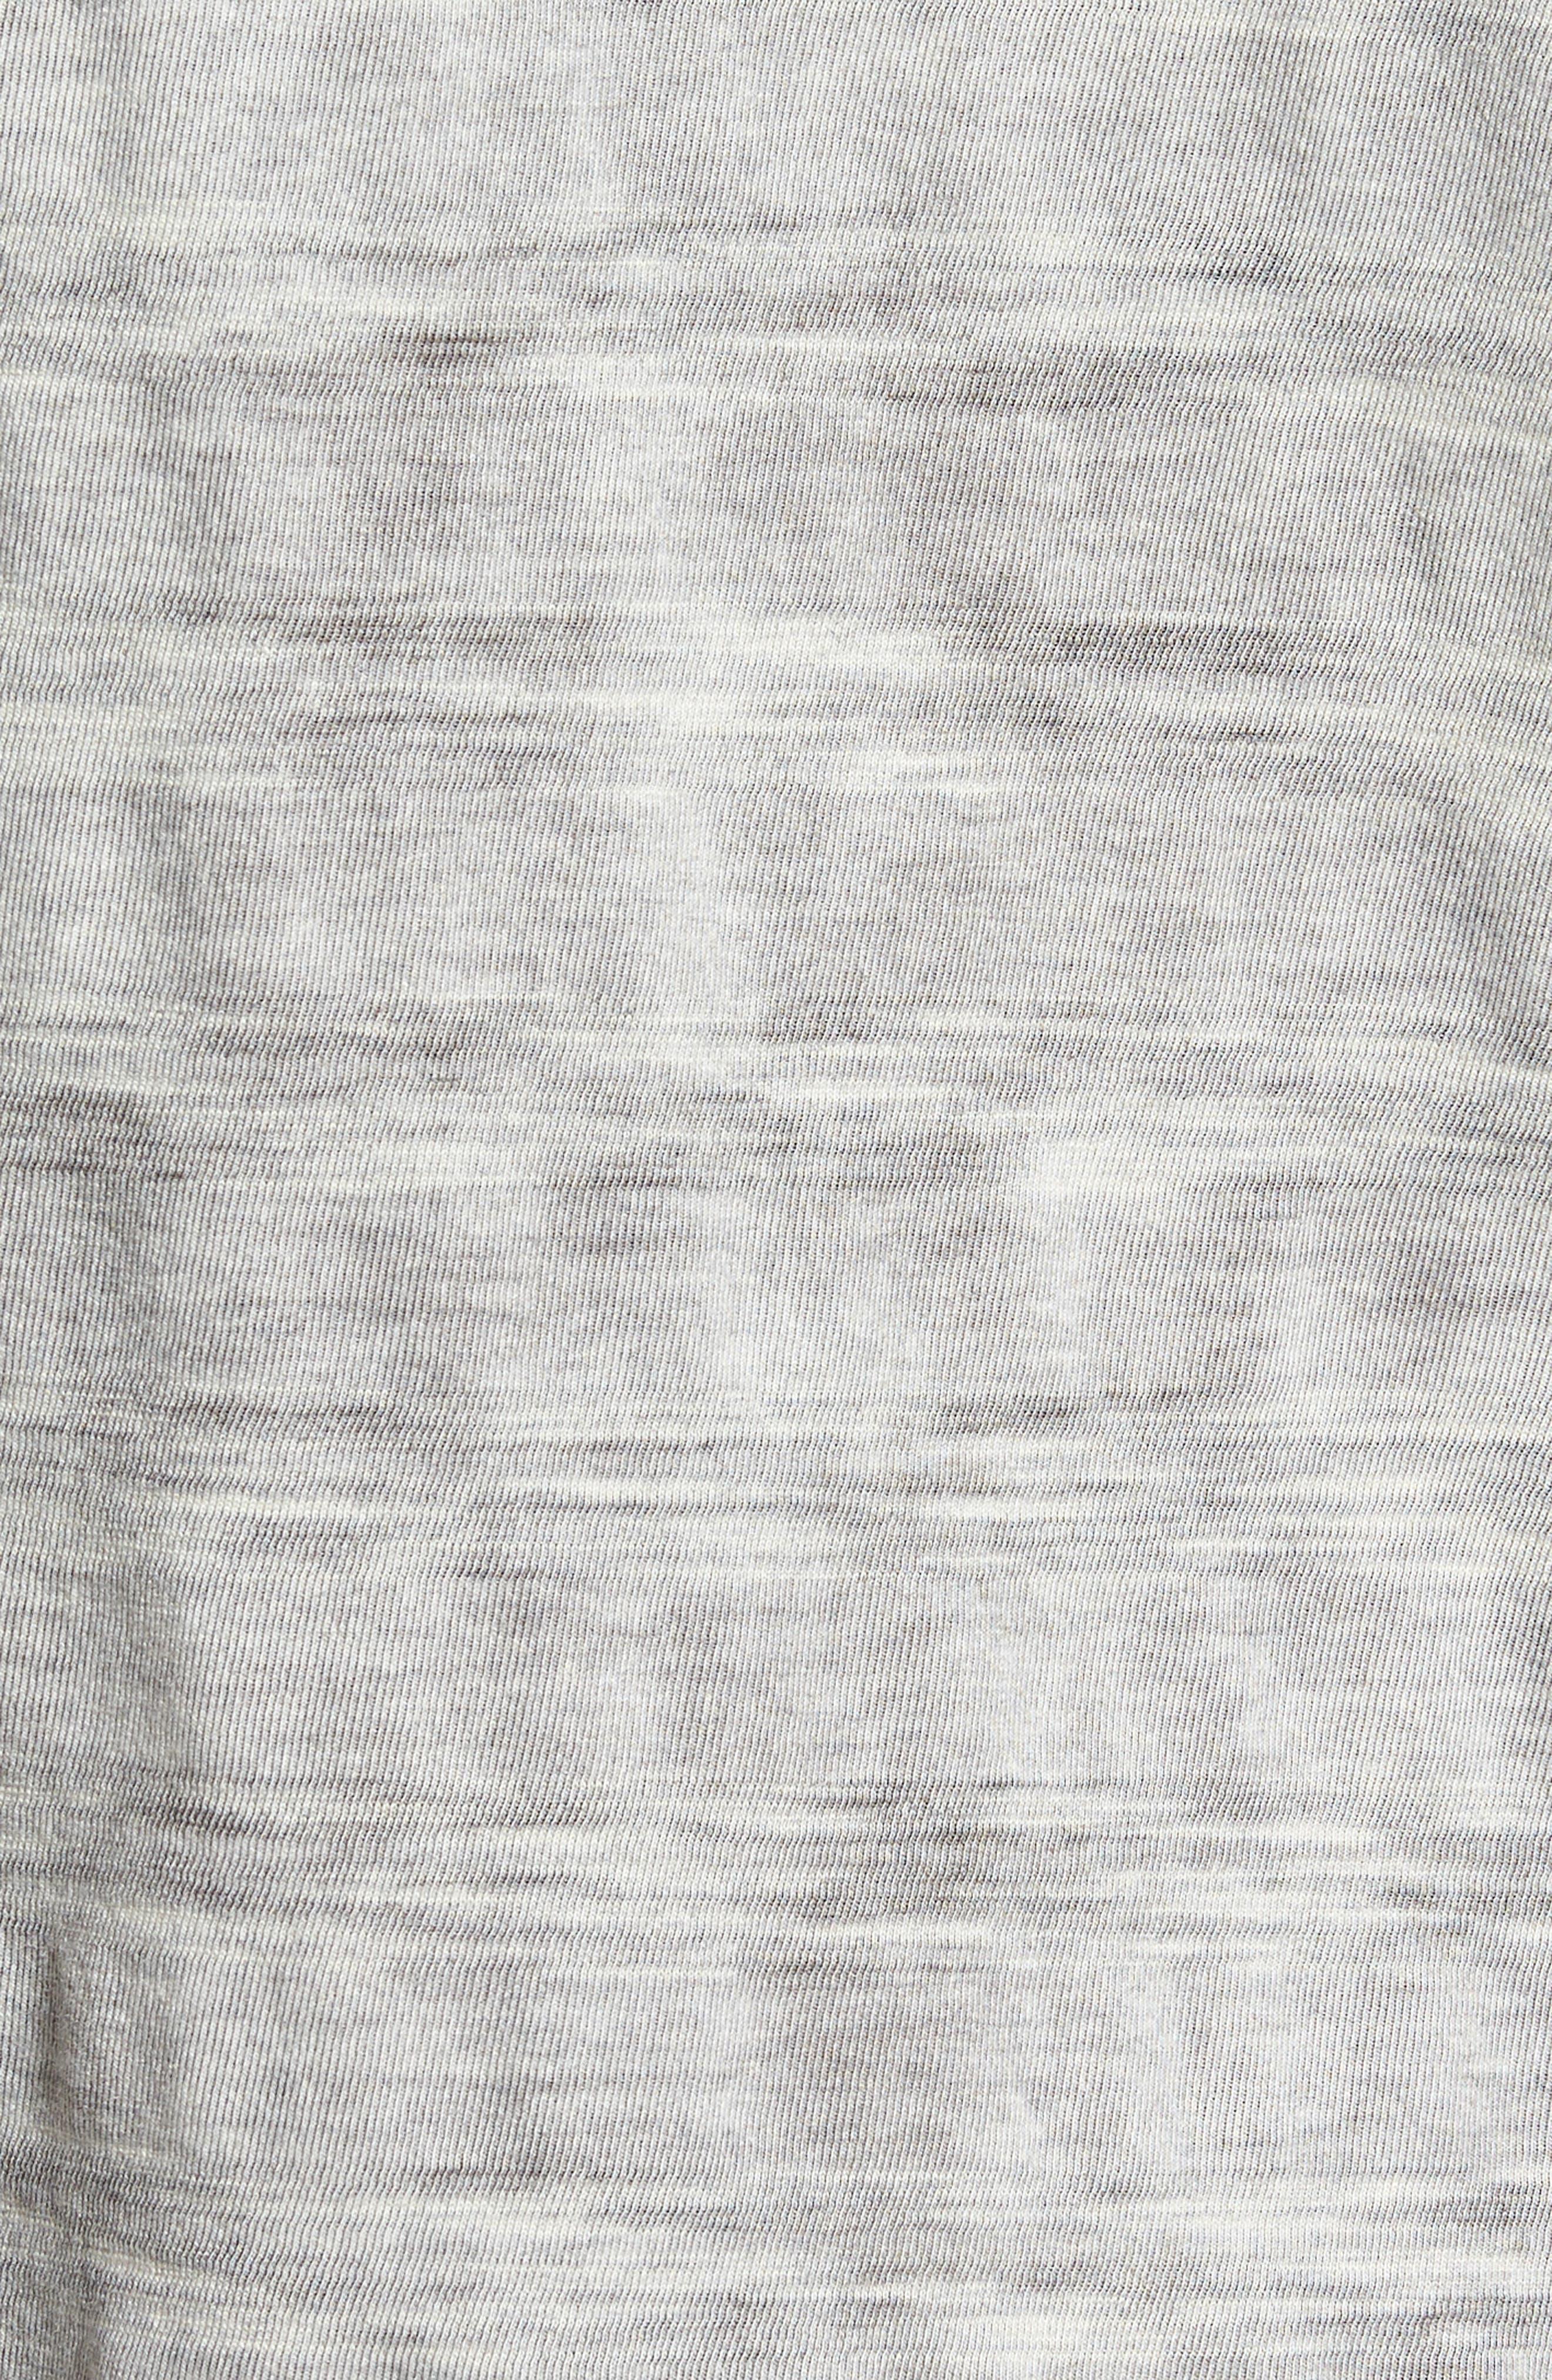 Slim Fit Ombré Stripe T-Shirt,                             Alternate thumbnail 5, color,                             077